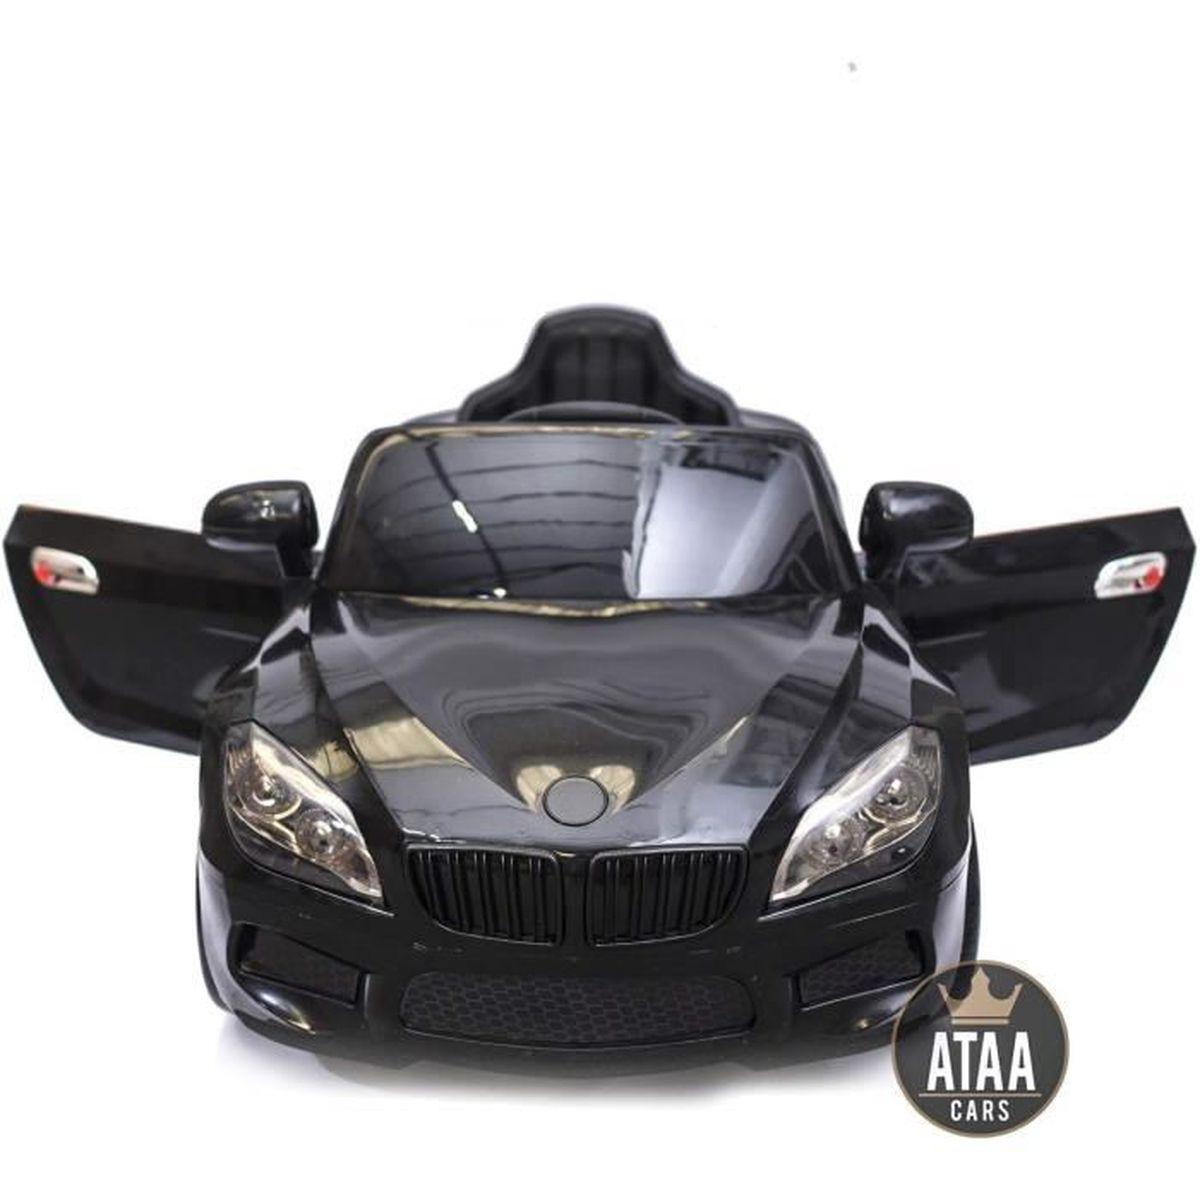 VOITURE ELECTRIQUE ENFANT X5 Sedan 12v voiture électrique enfants avec téléc